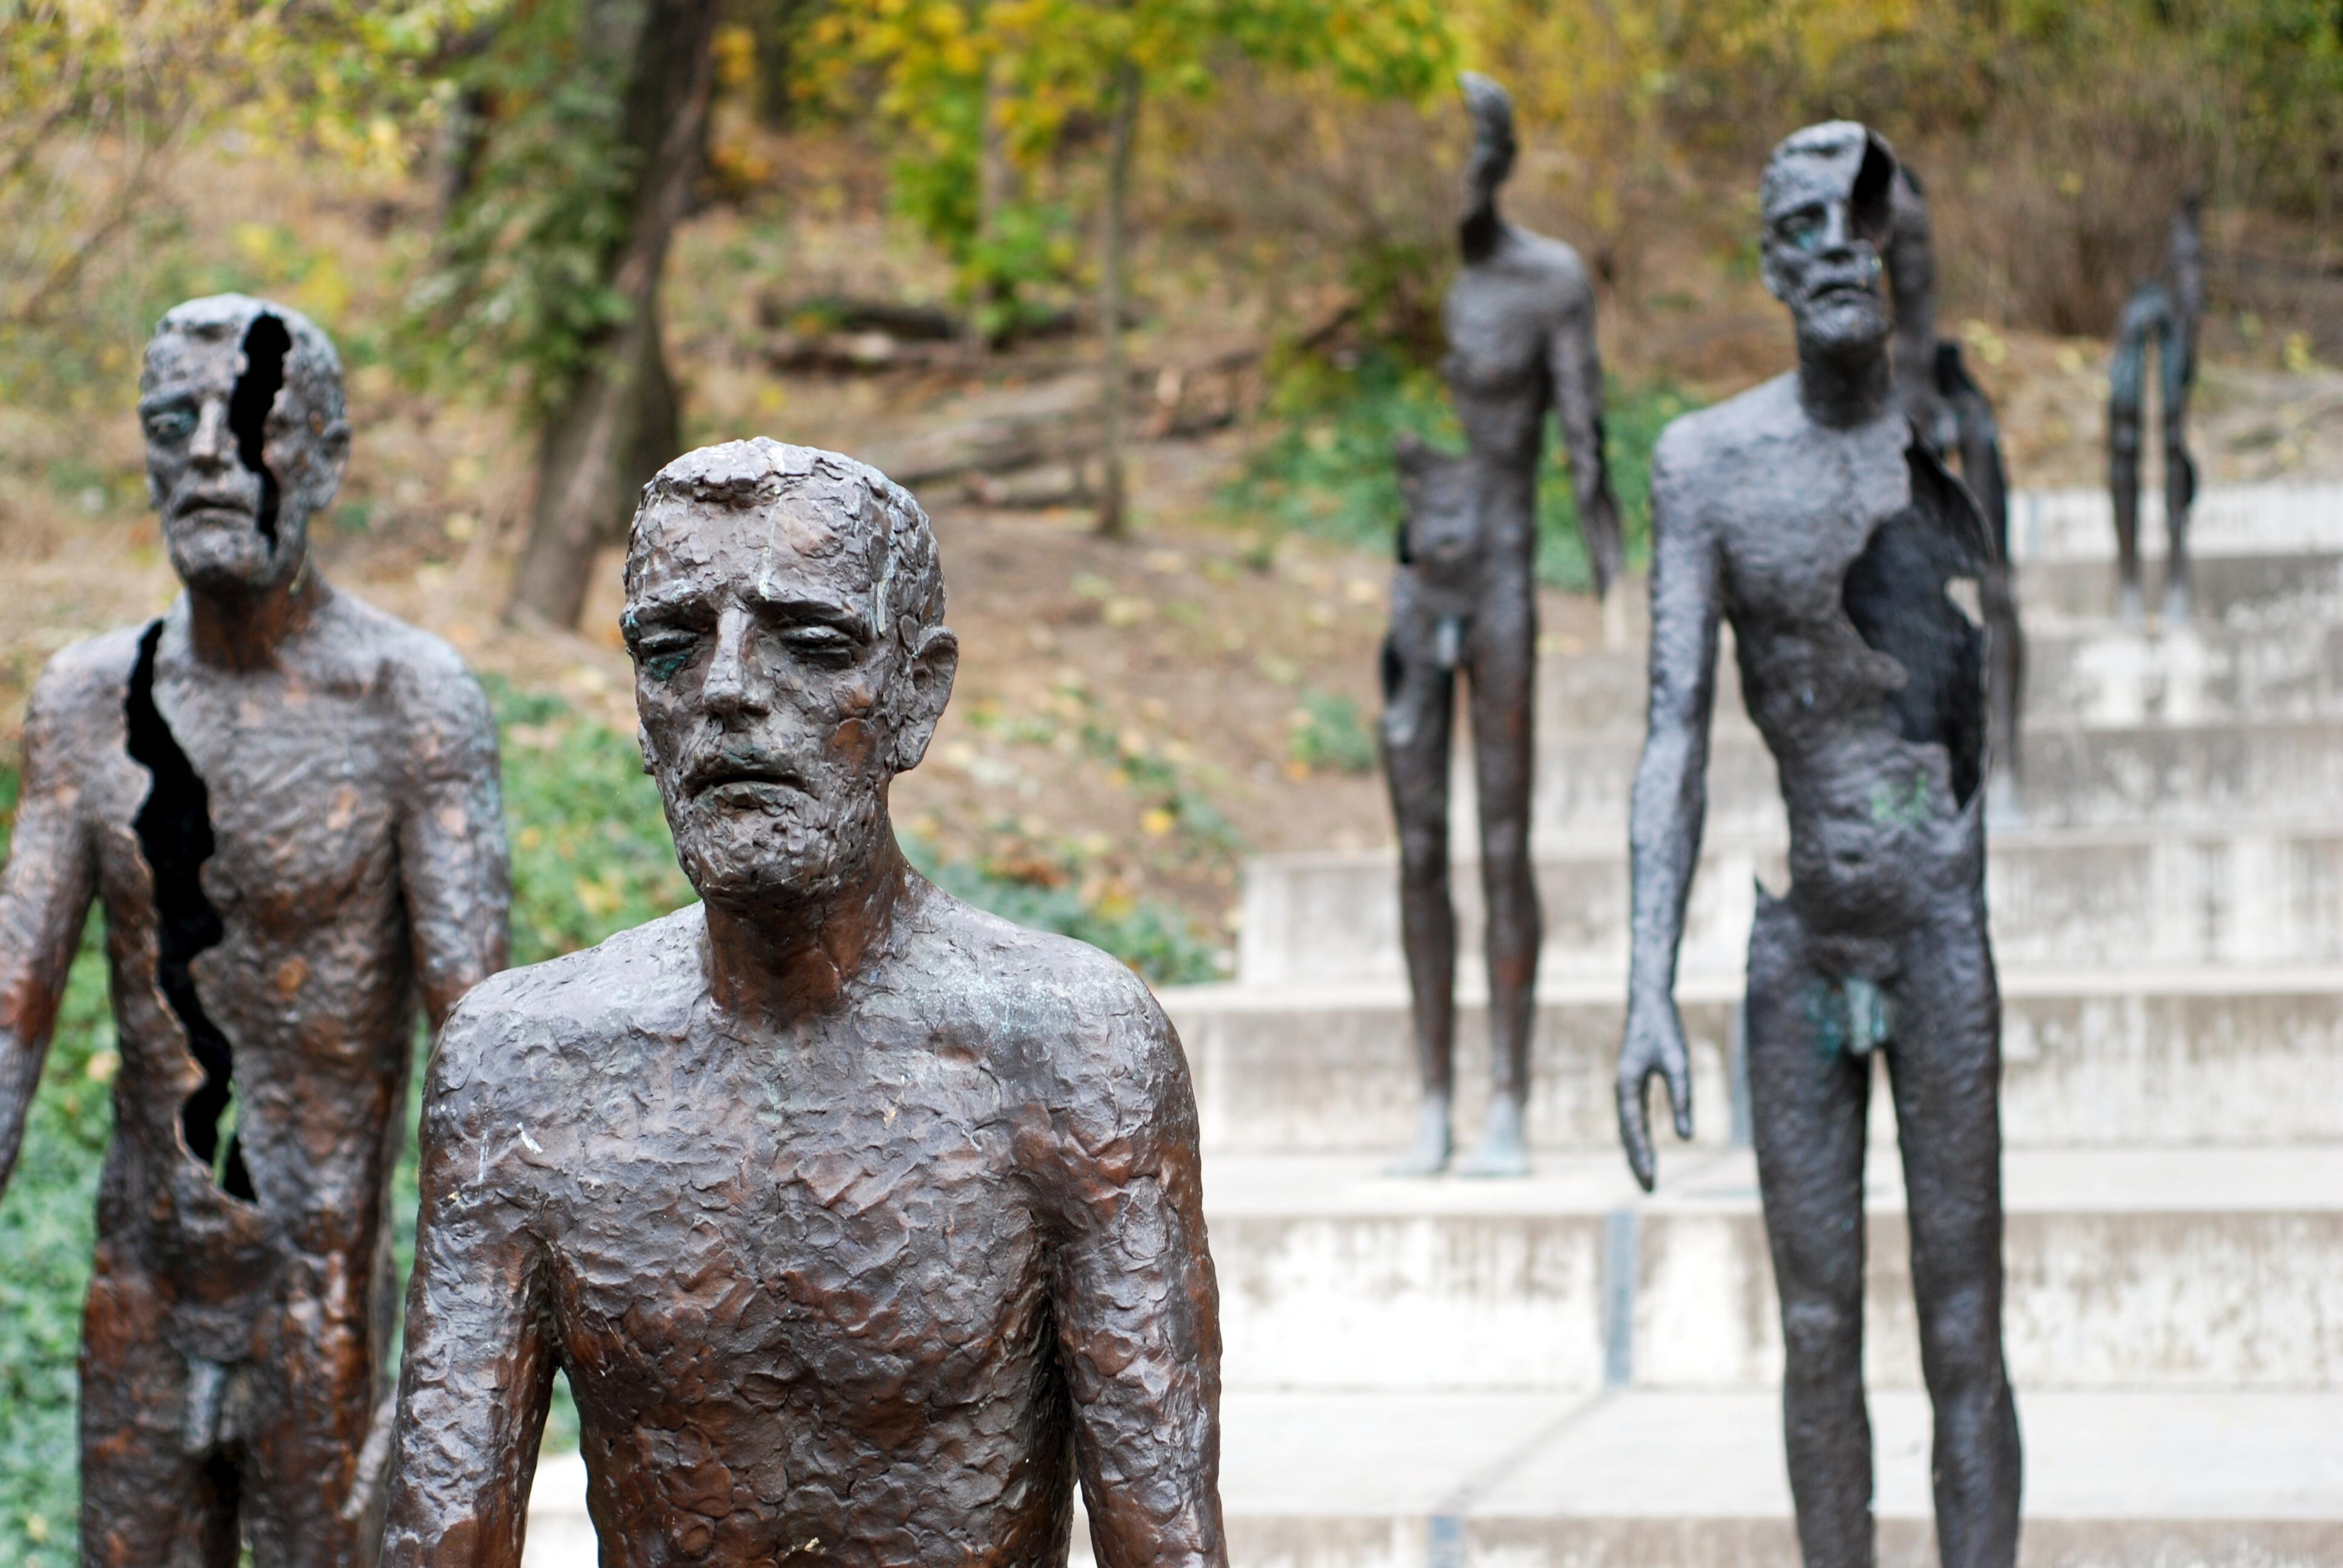 Aprende de la historia reciente en el Museo del Comunismo - República Checa Circuito Capitales Imperiales Economy